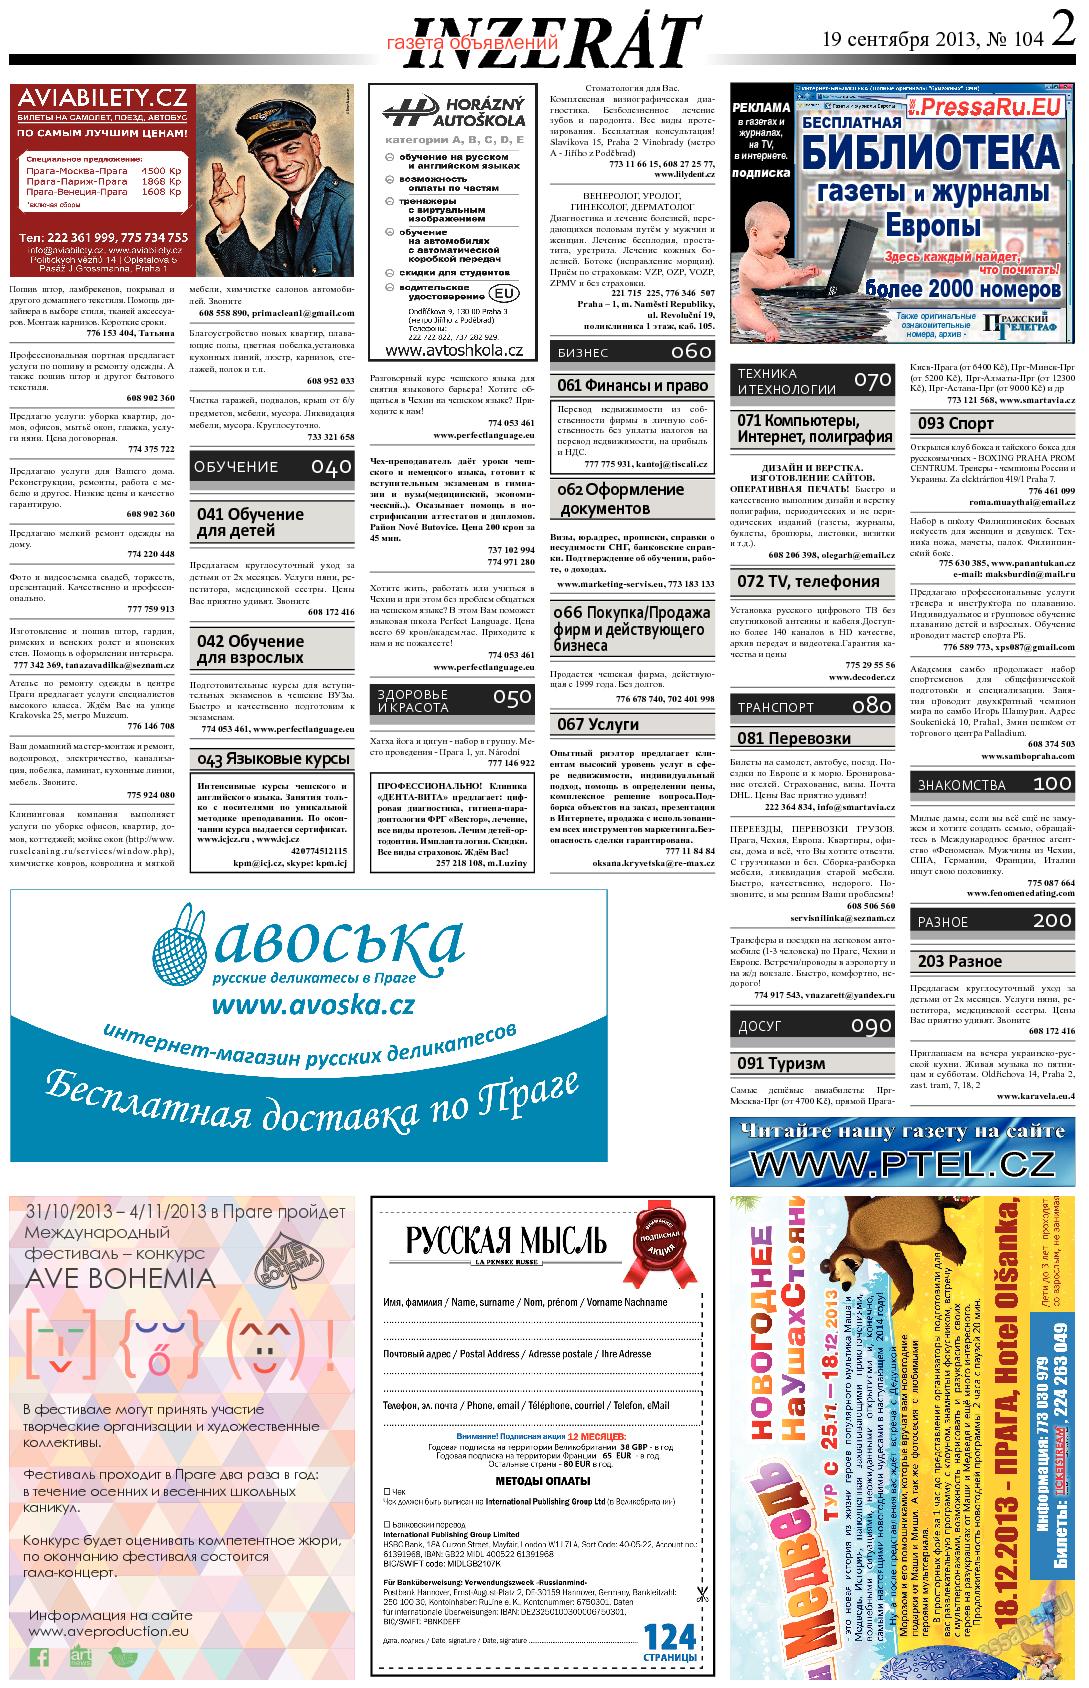 Отдел знакомств газета